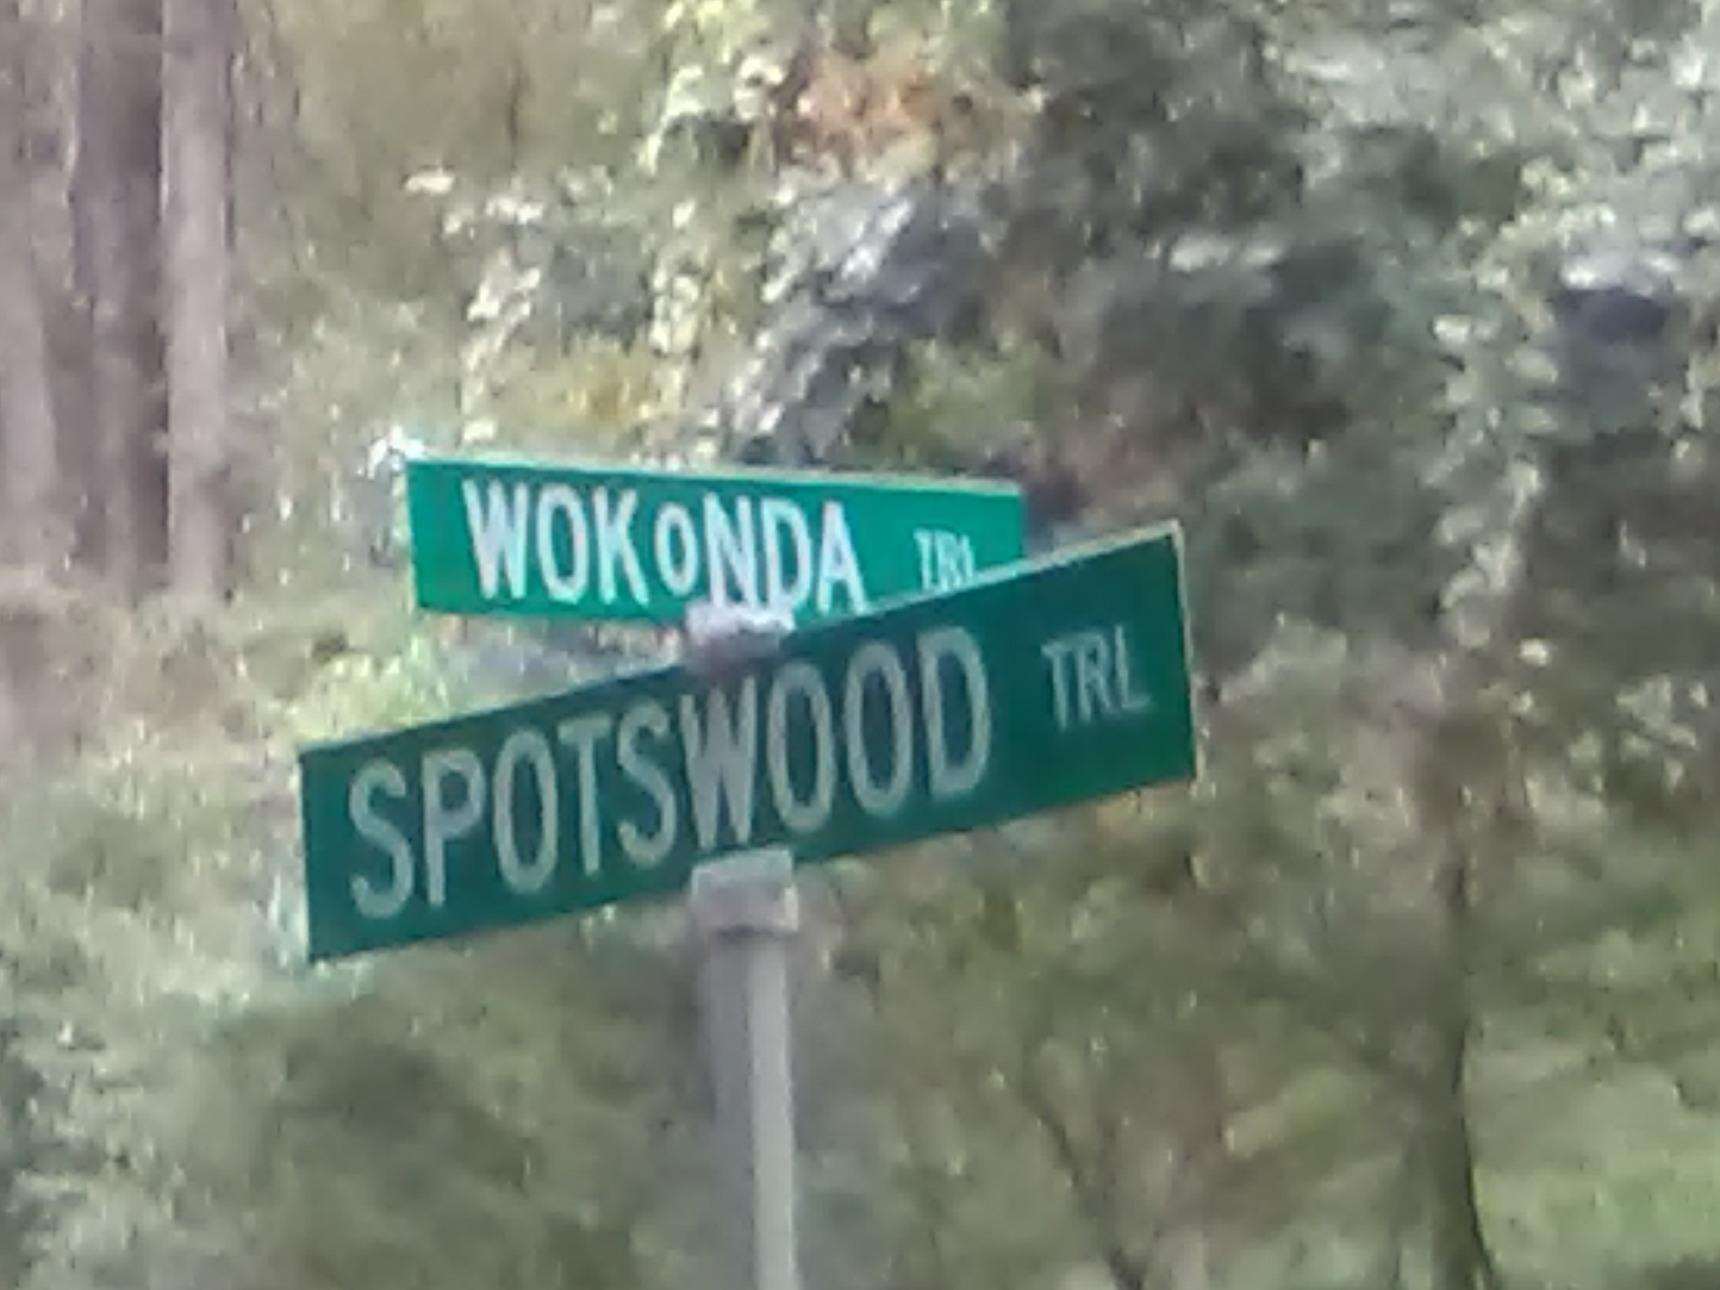 WOKoNDA - meme